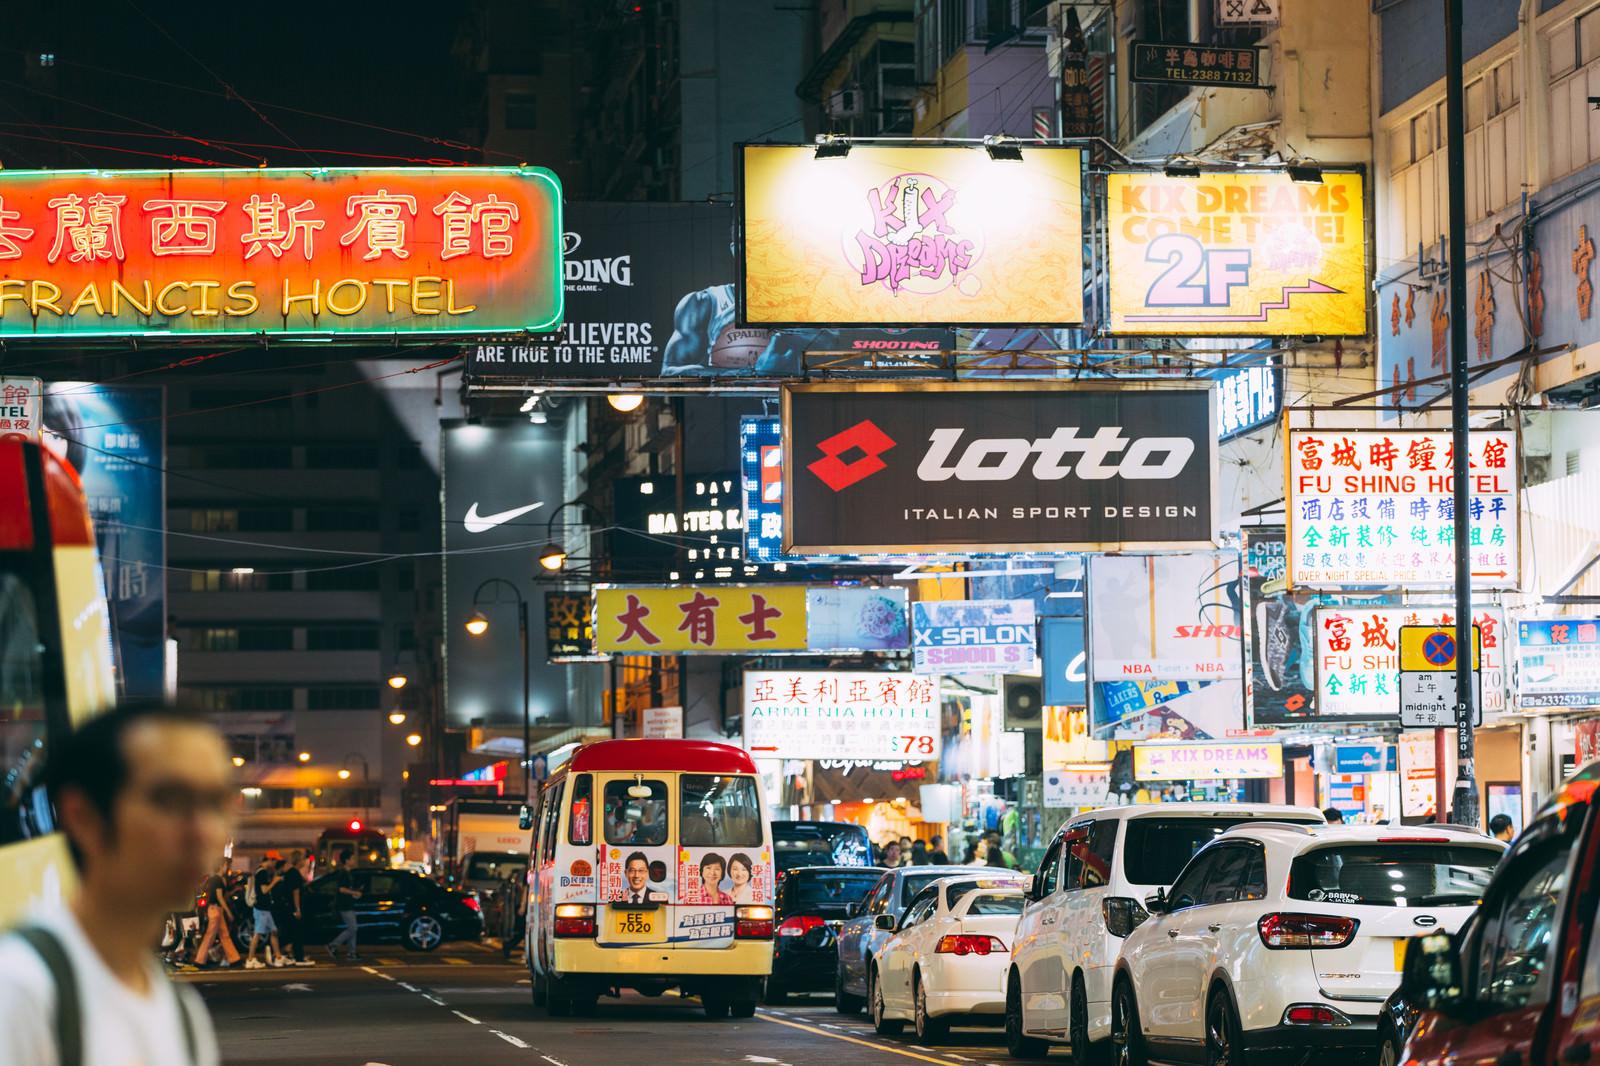 「夜の香港のネオン看板と渋滞する車」の写真